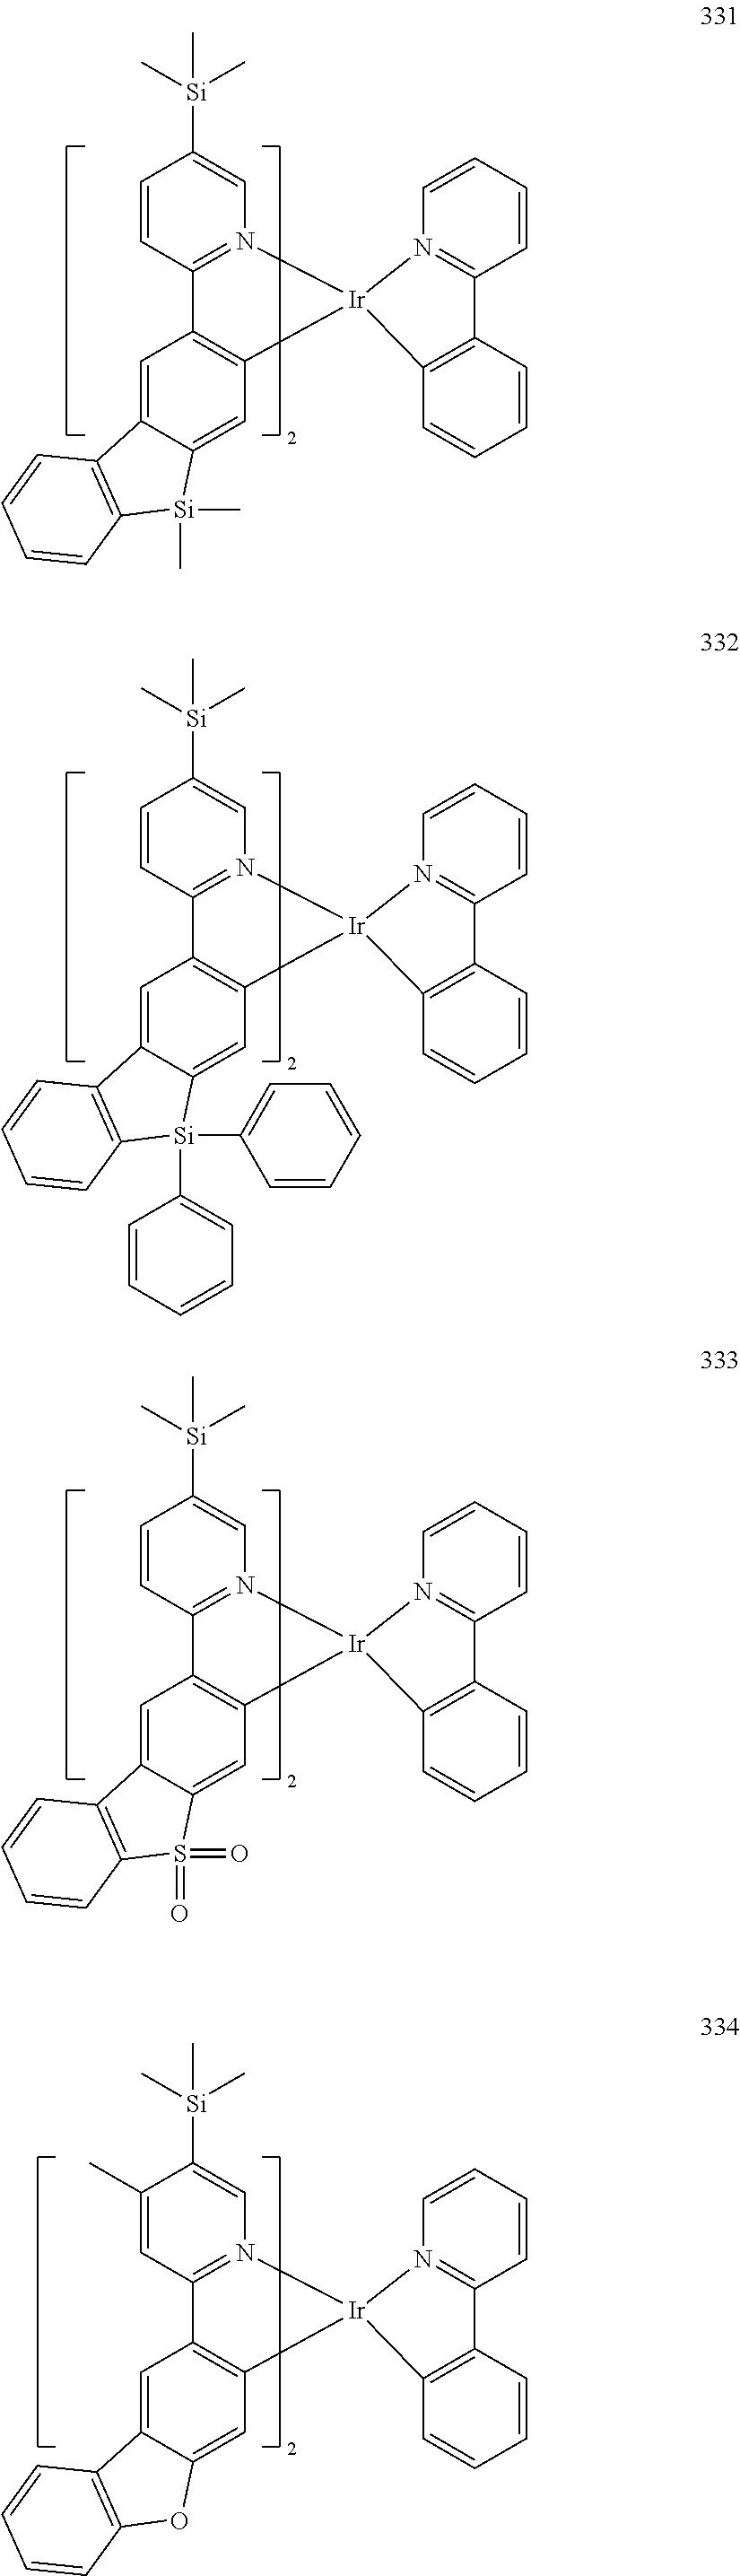 Figure US20160155962A1-20160602-C00422